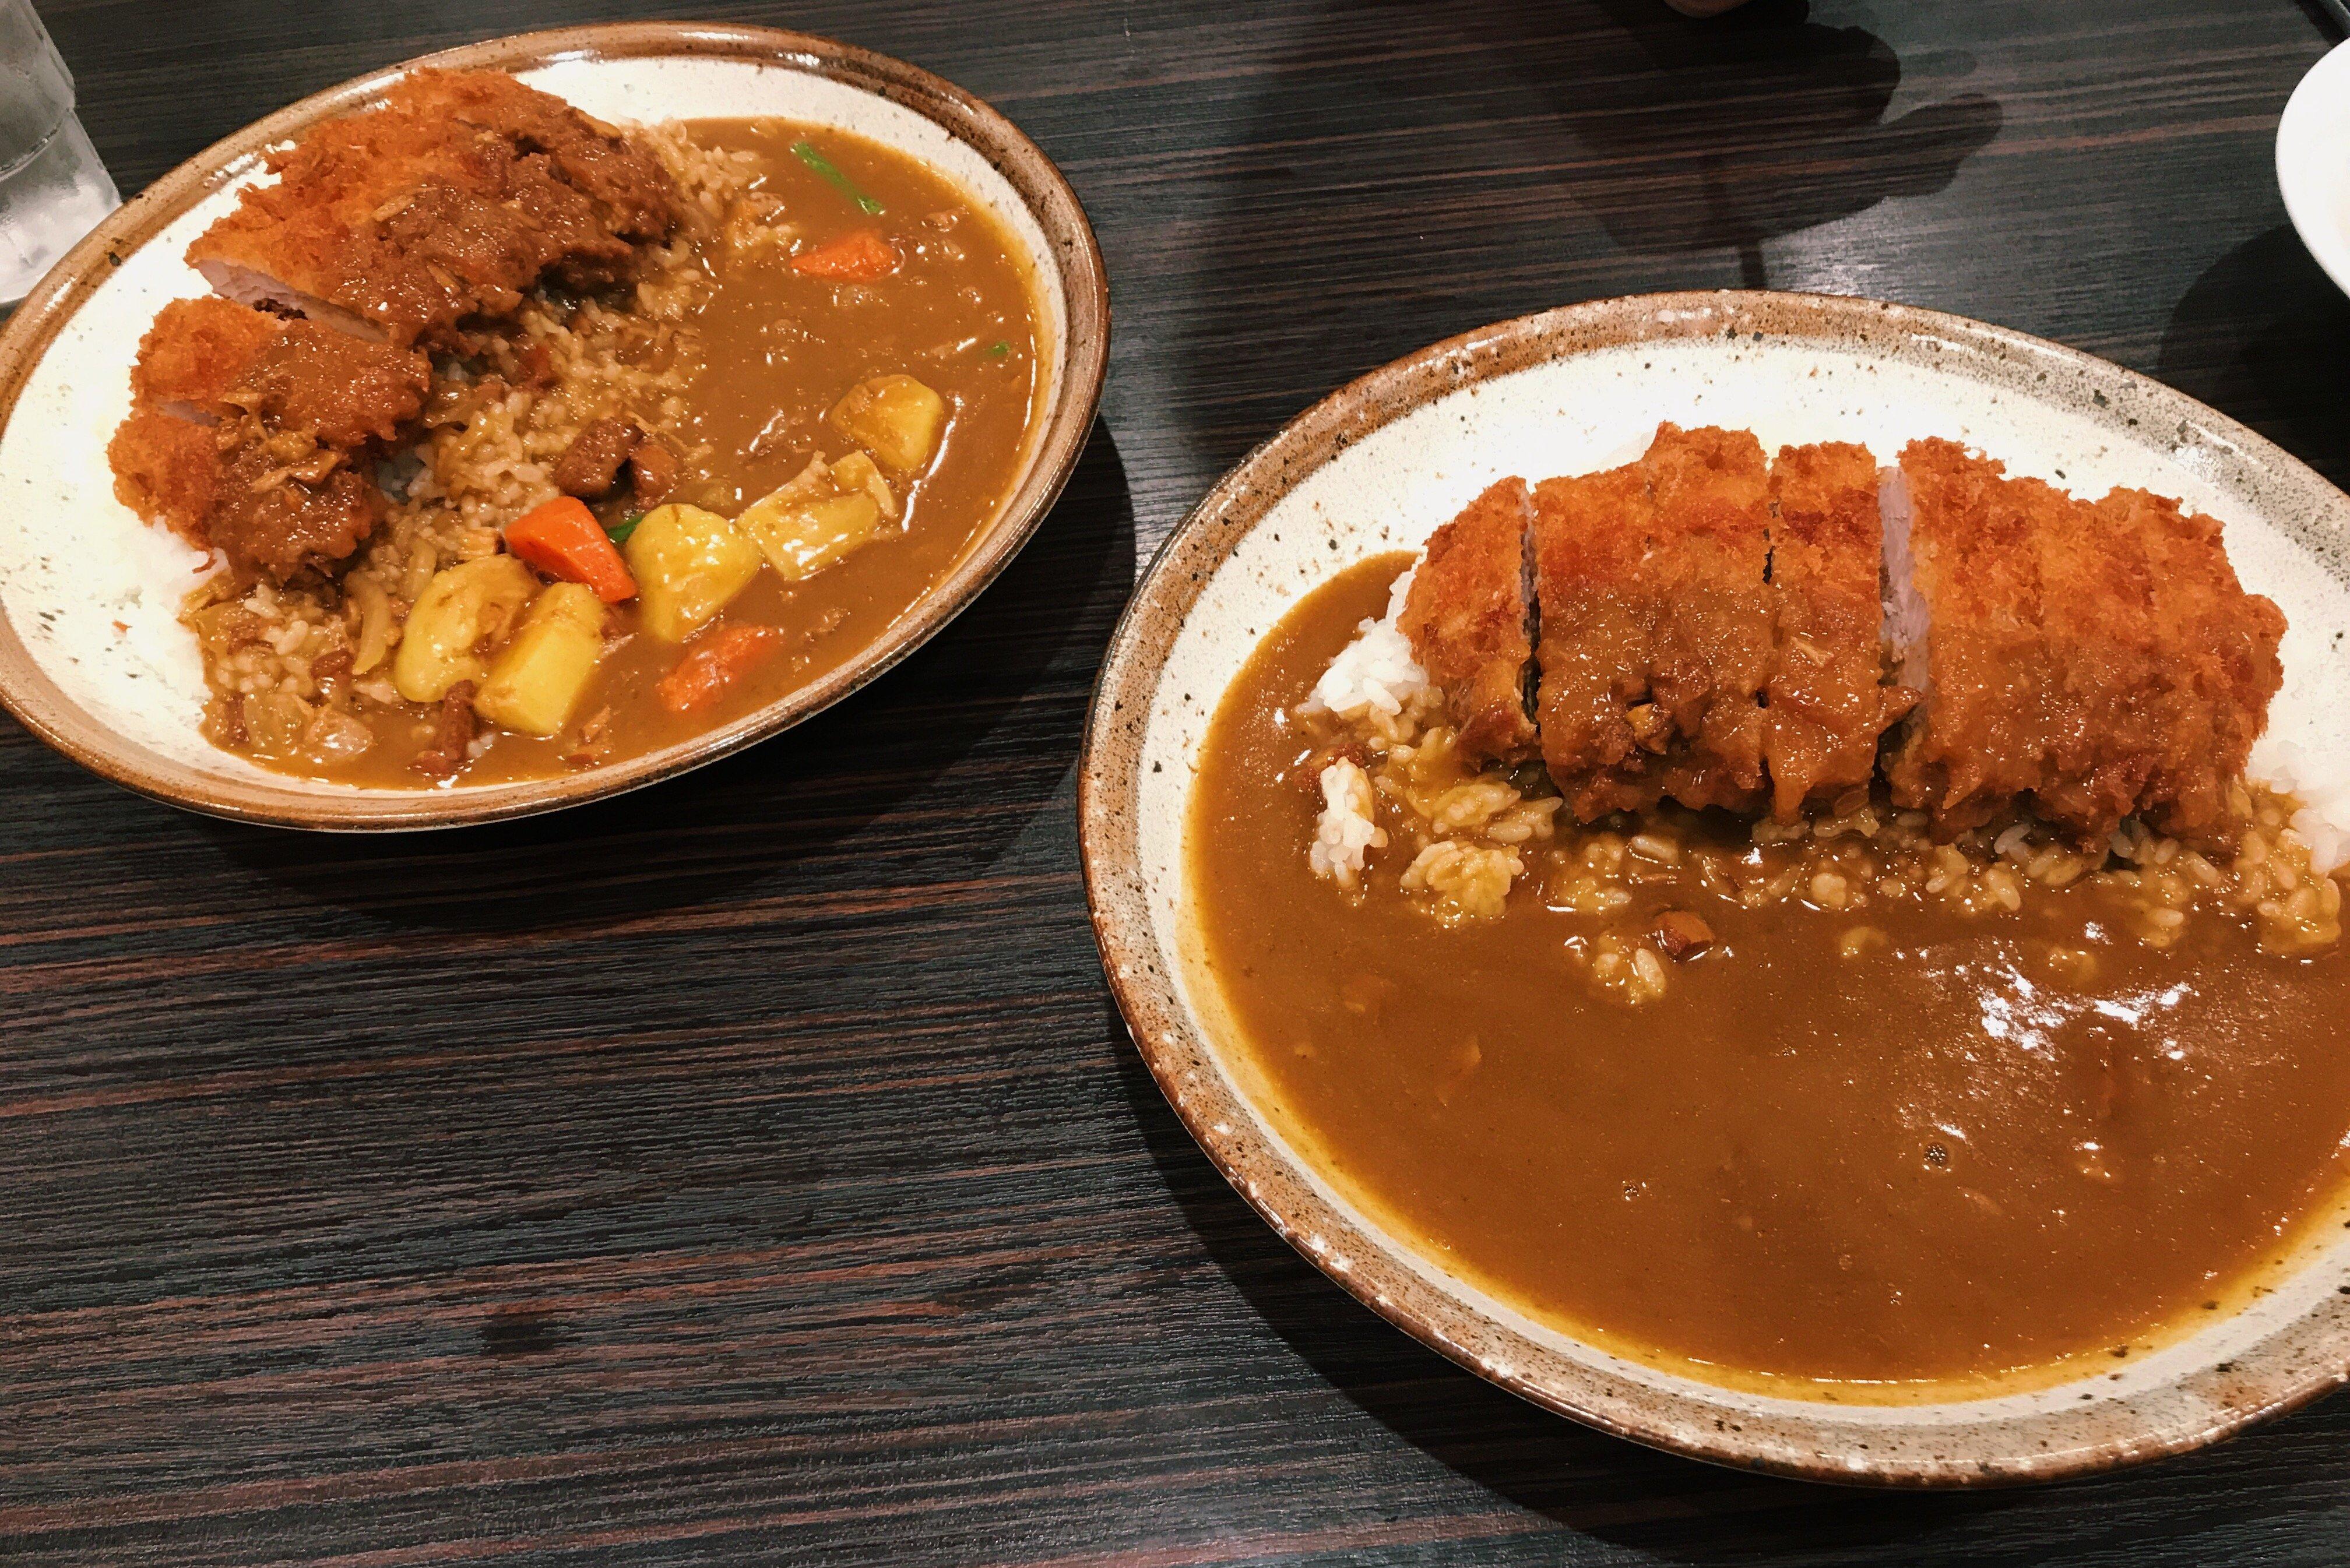 今日の晩御飯はお父さんとココイチのカレー(*´ω`*)♡